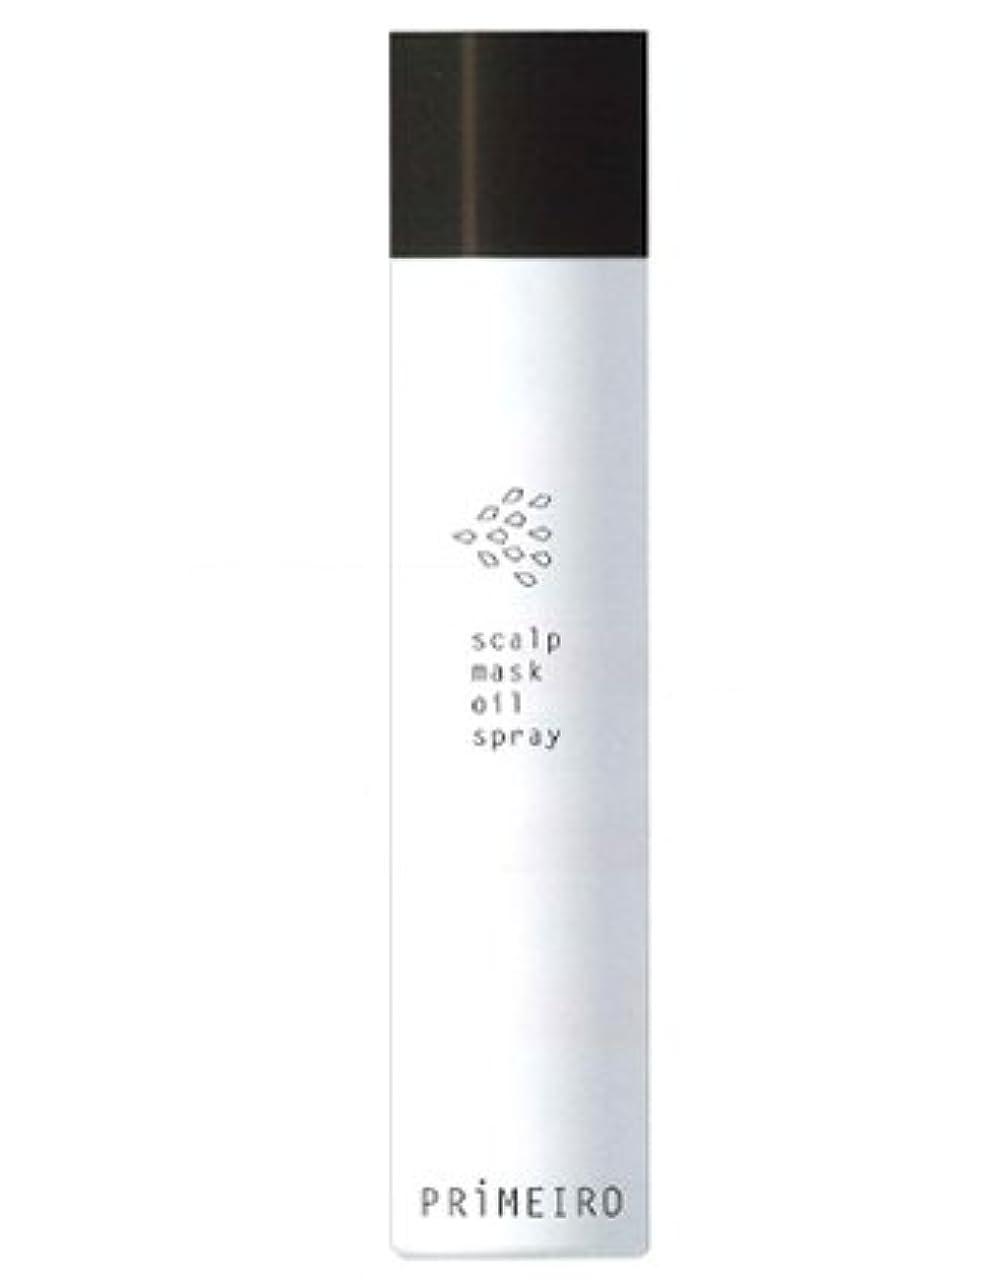 変動するコーヒー強制堀井産業 プリメーロスキャルプマスクオイルスプレー 170g